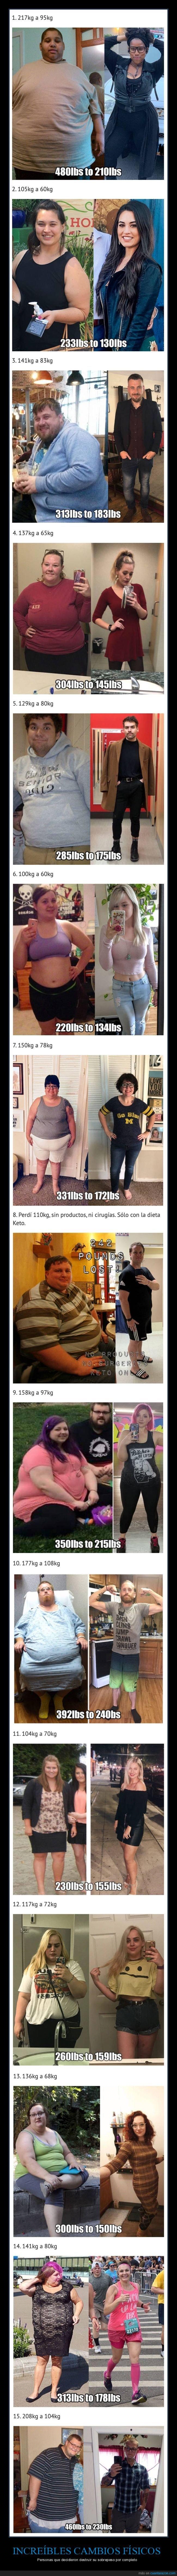 antes,después,perder peso